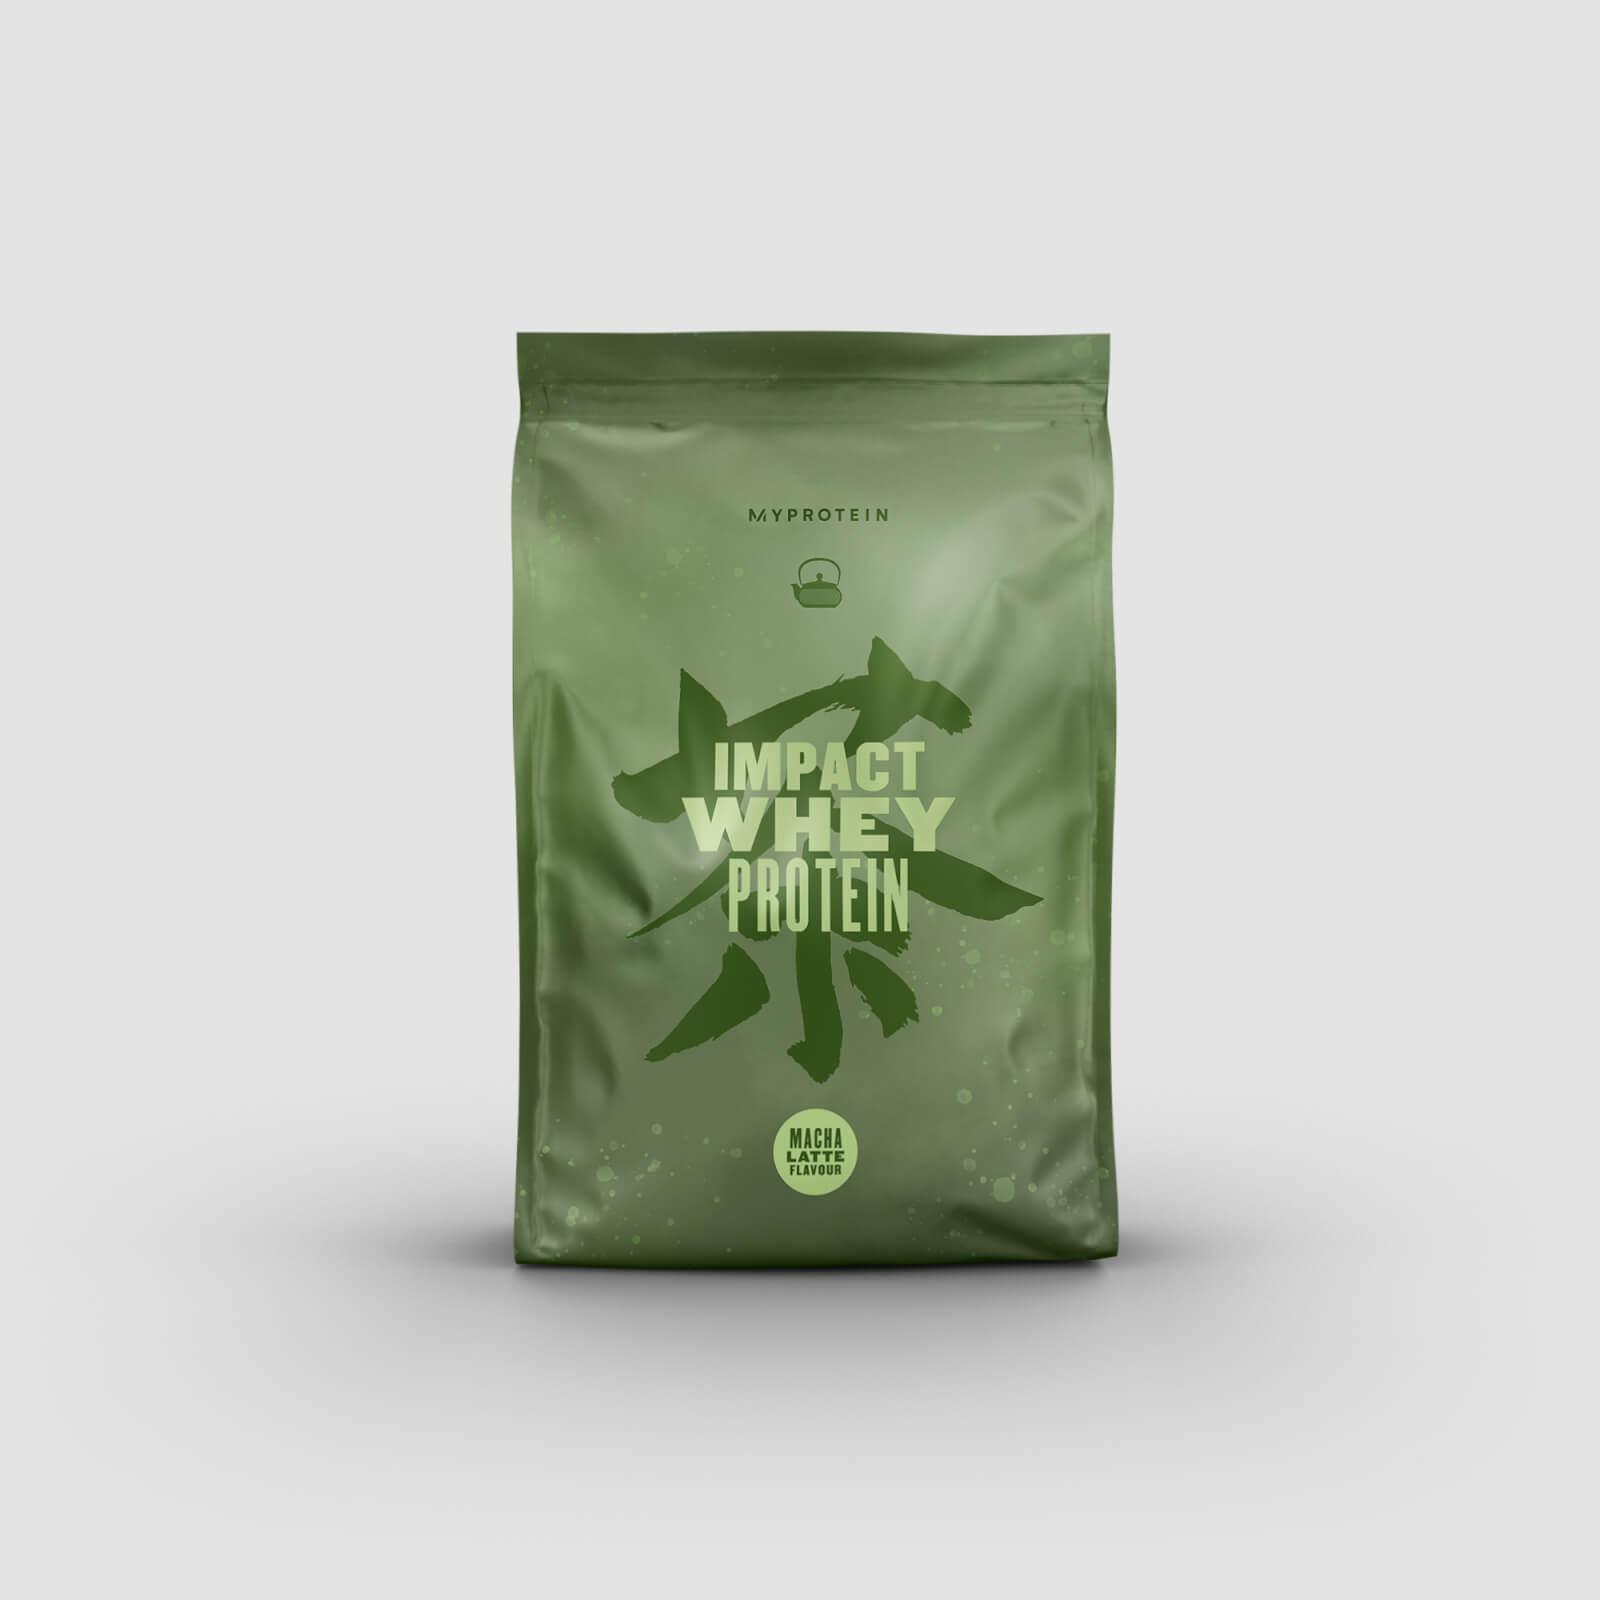 Myprotein Impact Whey Protein - 5kg - Matcha Latte